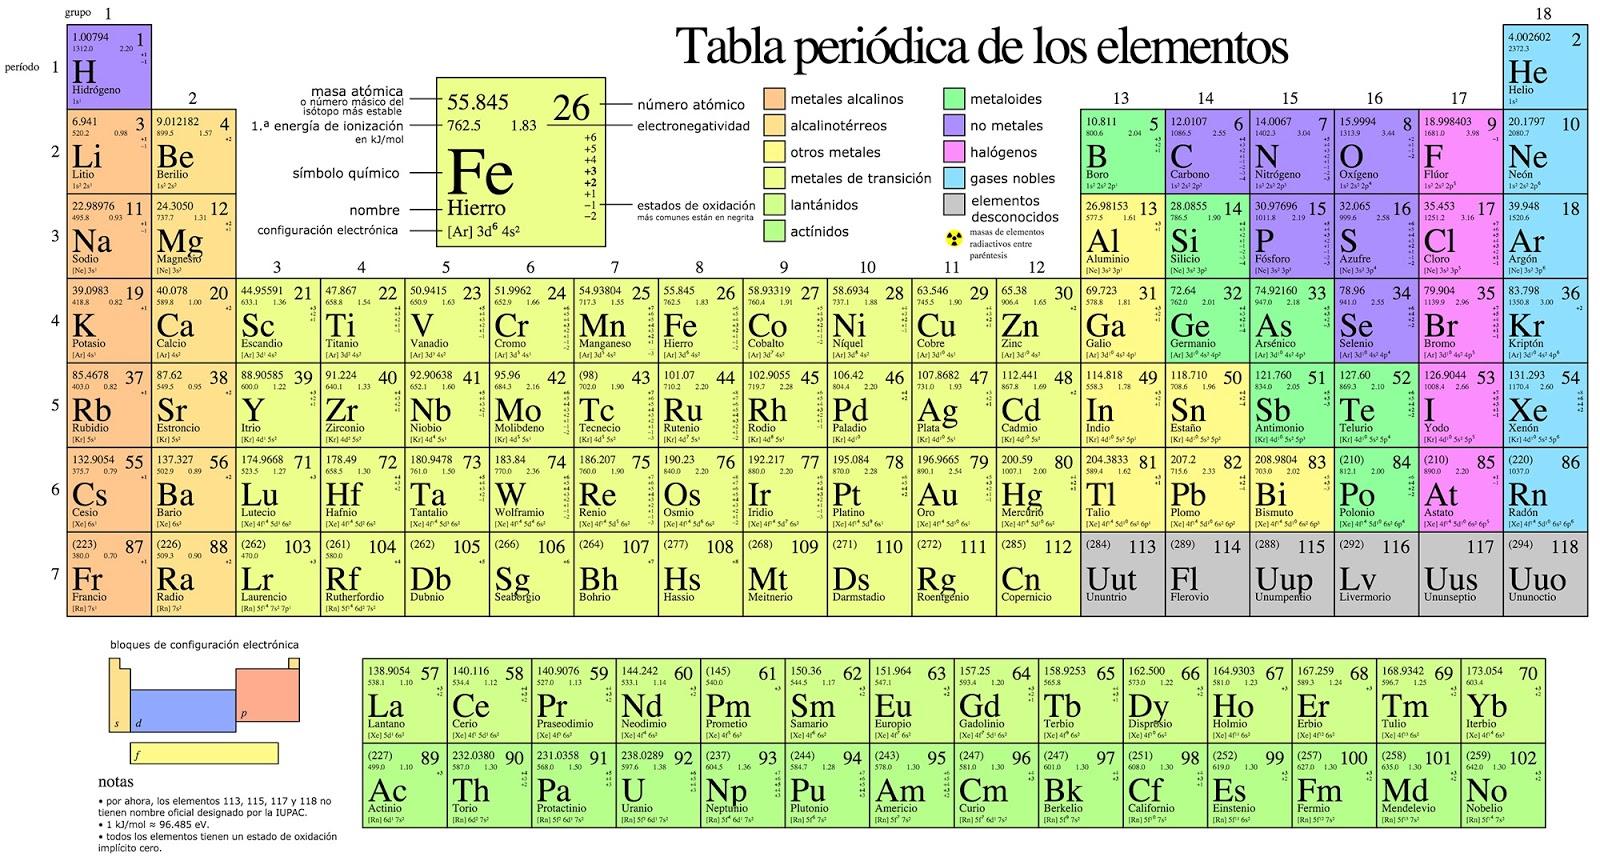 Como aprenderse toda la tabla peridica con mnemotecnias como aprenderse la tabla peridica completa en 2 minutos con mnemotecnias ingeniosas urtaz Images